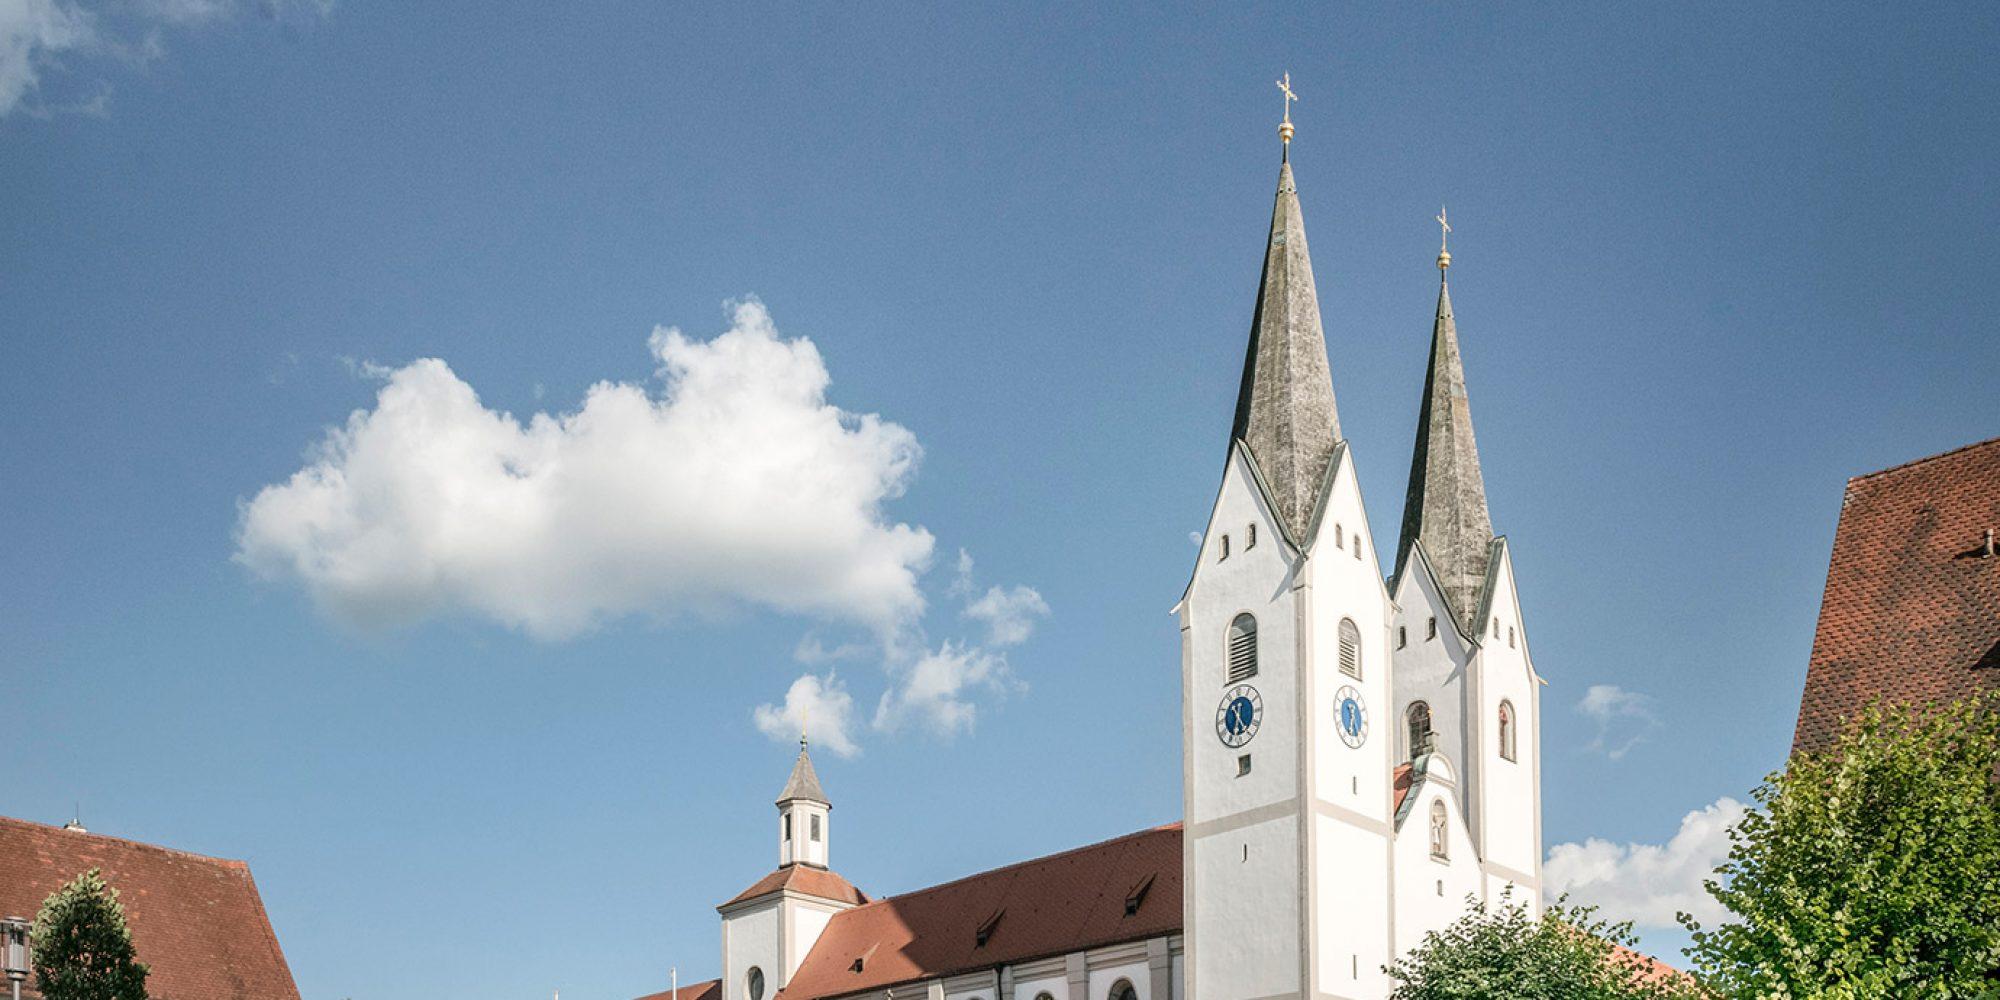 Klosterkirche Markt Indersdorf